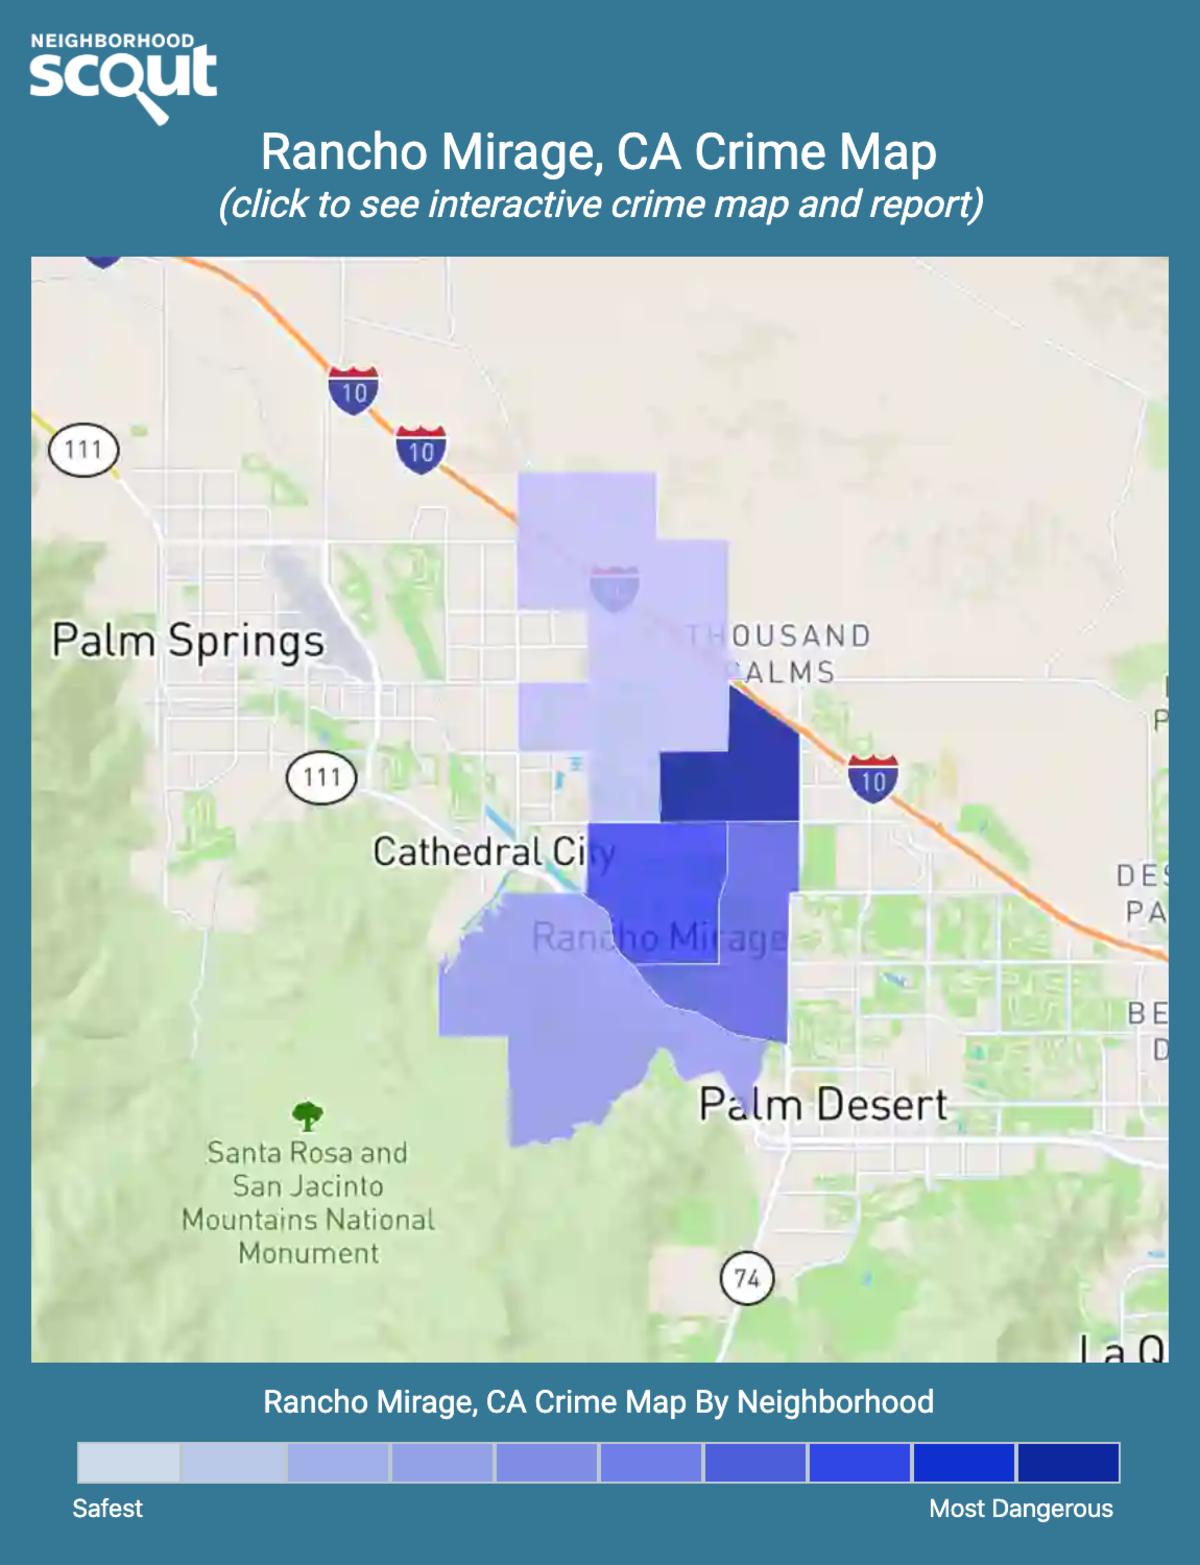 Rancho Mirage, California crime map